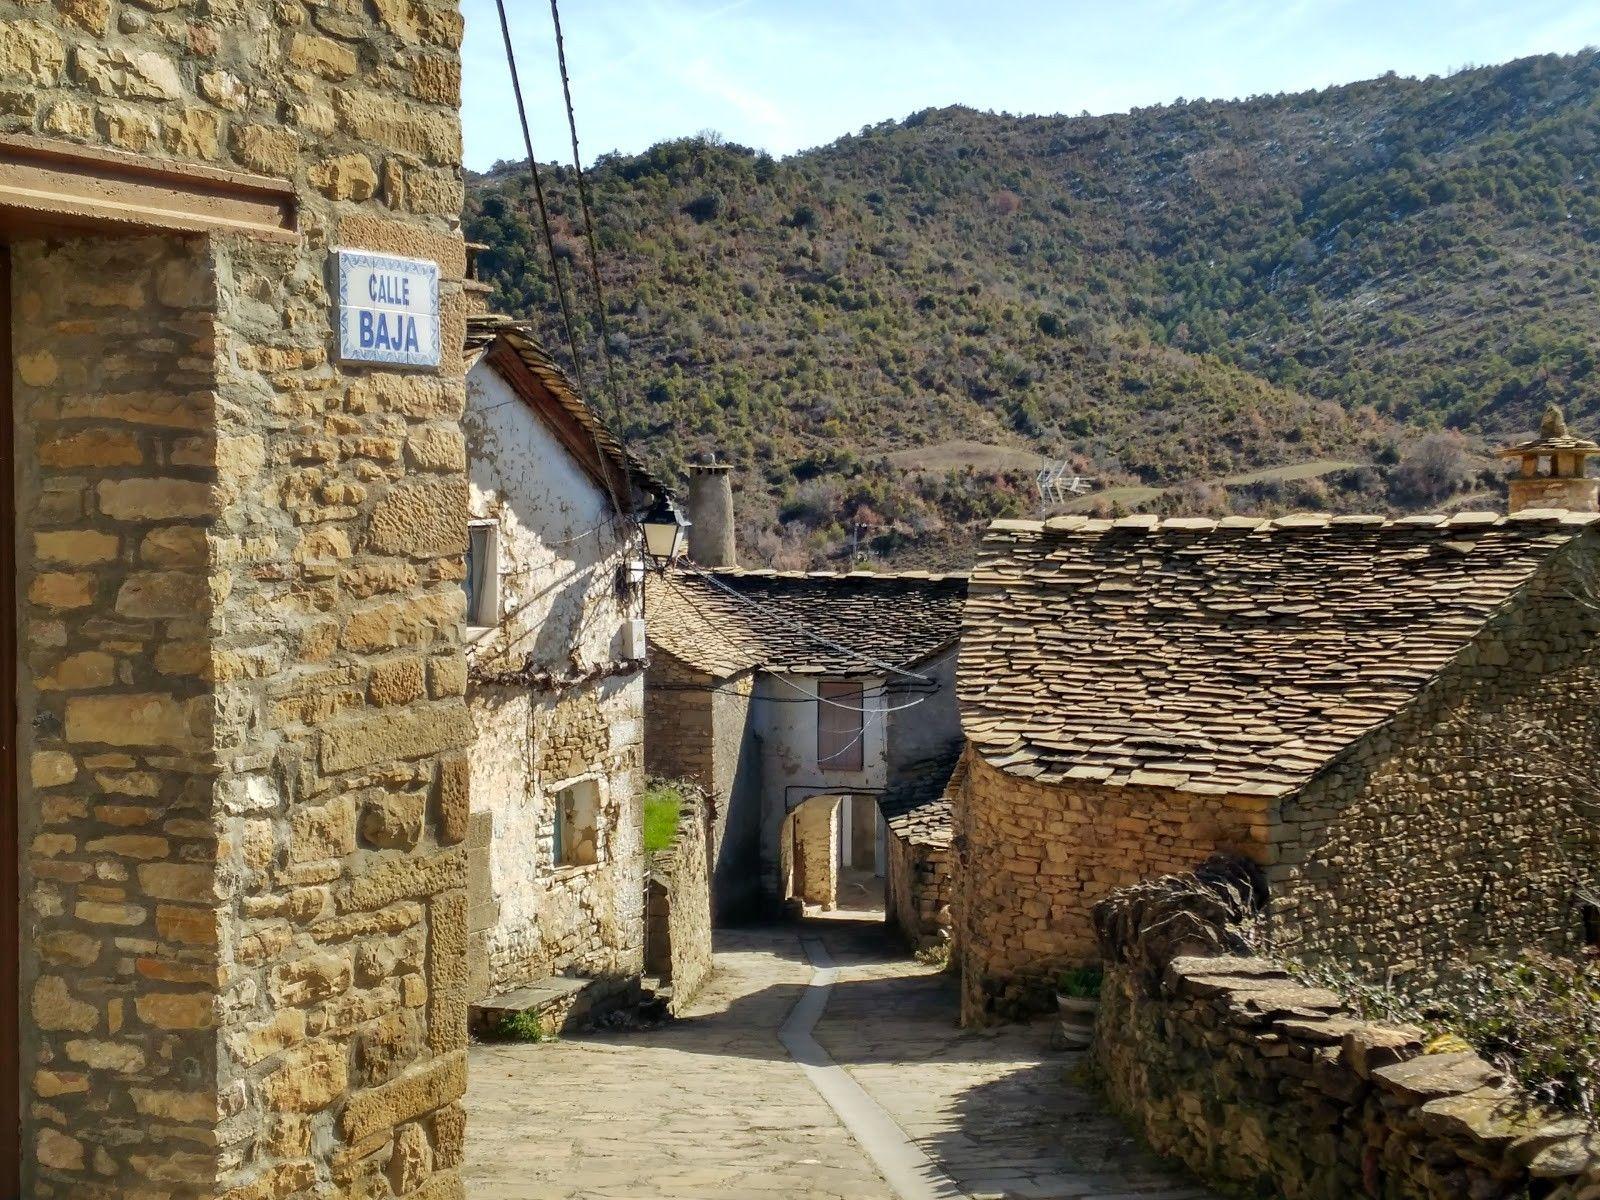 Botaya Es Una Localidad Española Perteneciente Al Municipio De Jaca En La Jacetania Provincia De Huesca Huesca Pueblos Con Encanto Andalucía